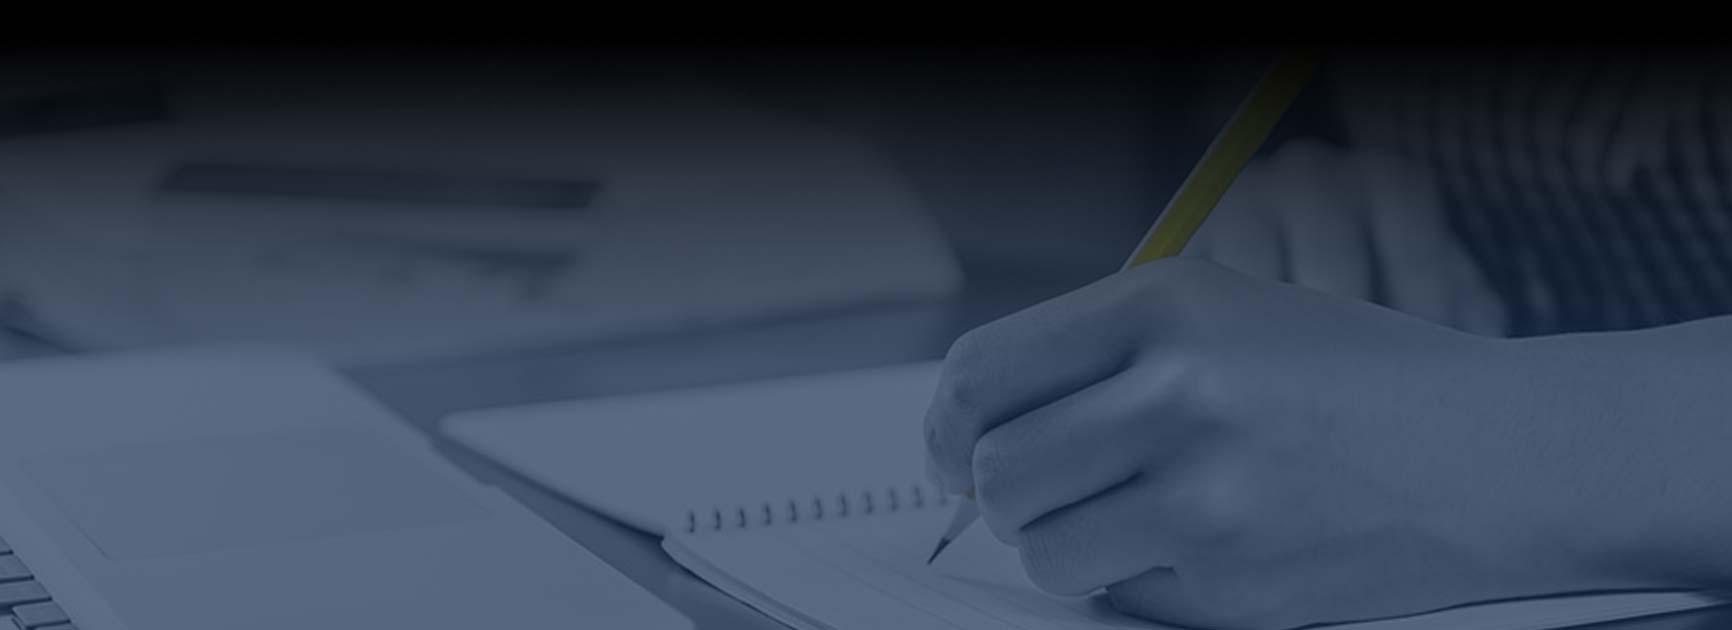 Πρόγραμμα Μεταπτυχιακών Σπουδών: «Επιστήμες της Αγωγής, Κριτική Παιδαγωγική και Εκπαίδευση Εκπαιδευτικών